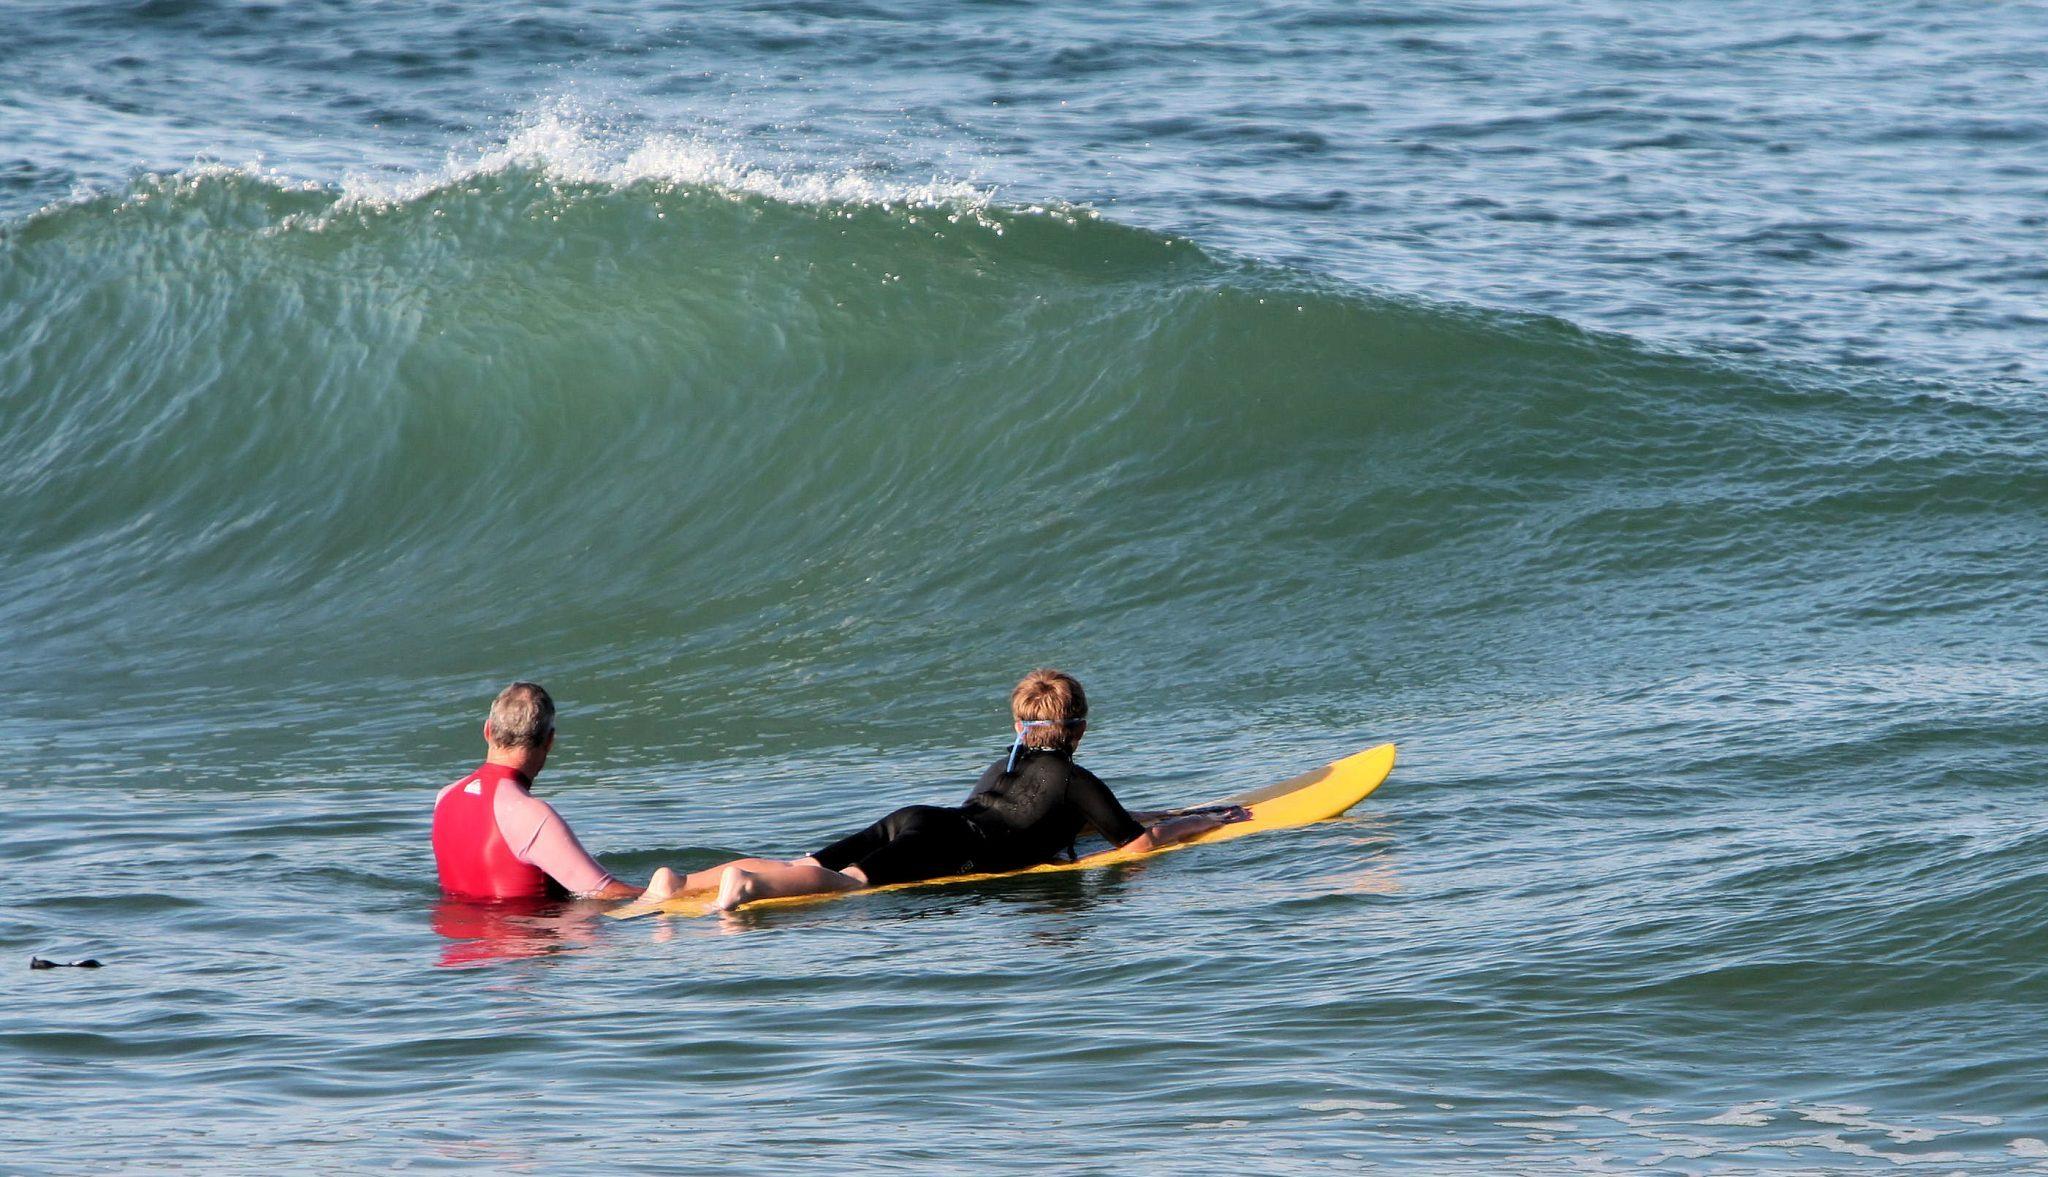 Surfing in Rodanthe